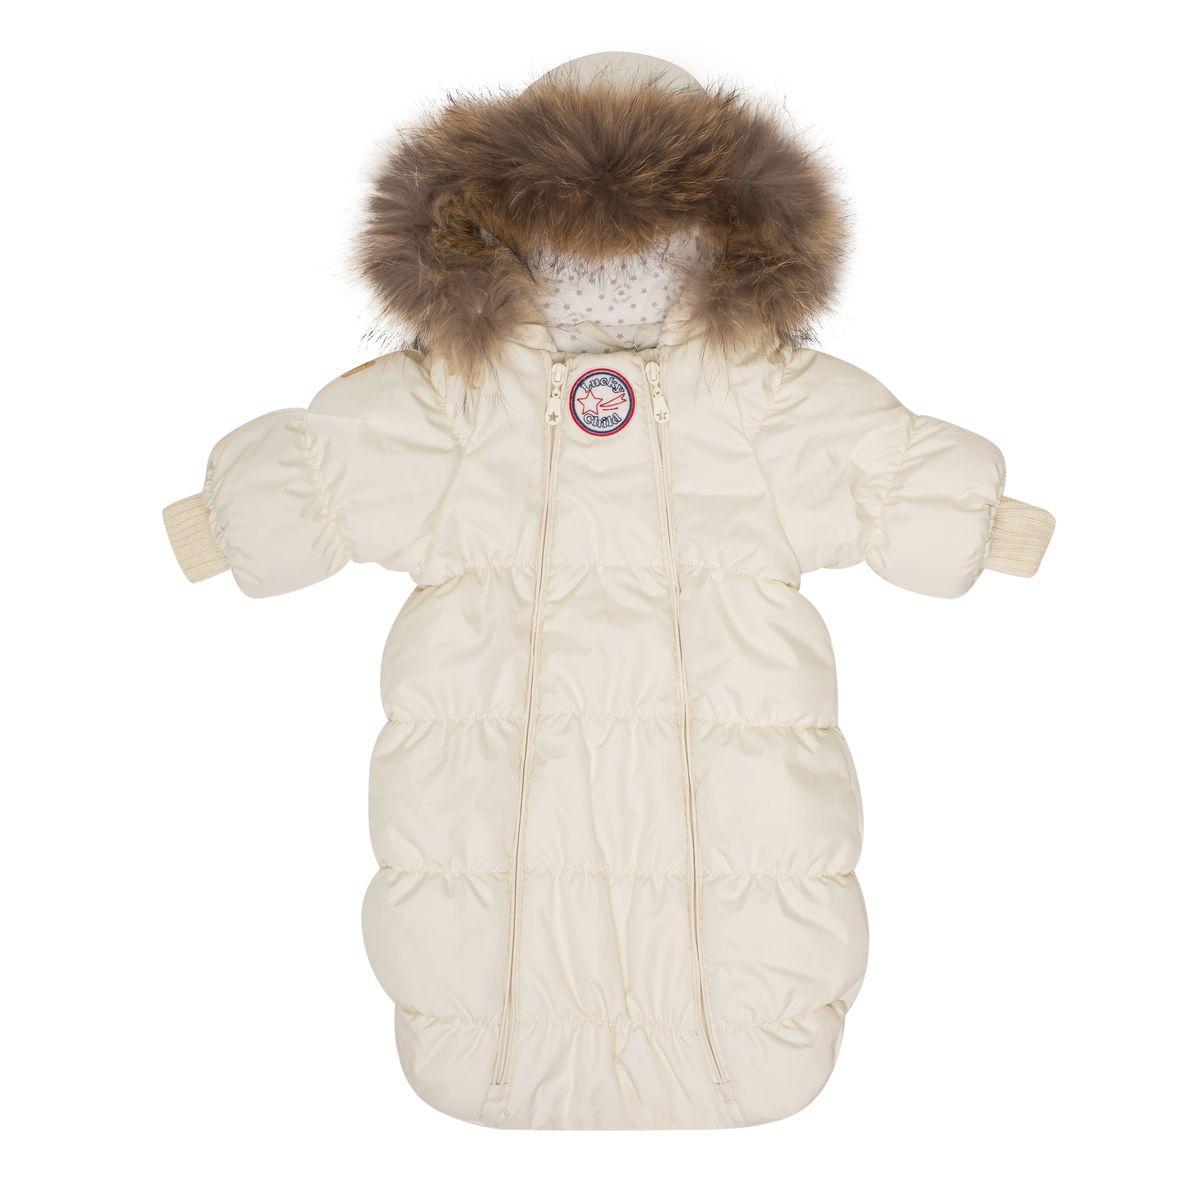 Комбинезон-конверт детский Lucky Child, цвет: молочный. В1-1. Размер 56/62В1-1Если вы ожидаете появления малыша этой зимой, то первая вещь, которая вам понадобится, - это уютный комбинезон-конверт. Благодаря лёгкому и тёплому наполнителю Isosoft, он согреет вашего кроху во время зимних прогулок. Трикотажная подкладка с воздухопроницаемыми и водоотводными свойствами не позволит ему вспотеть, даже если малыш проспит на улице три часа. Подходит для прогулок при при температуре до -30°. Ручки младенца можно легко спрятать в отворачивающуюся варежку. Капюшон оторочен натуральным мехом енота. Удобная двойная молния позволяет легко одеть и раздеть ребёнка или просто поменять подгузник и продолжить прогулку.